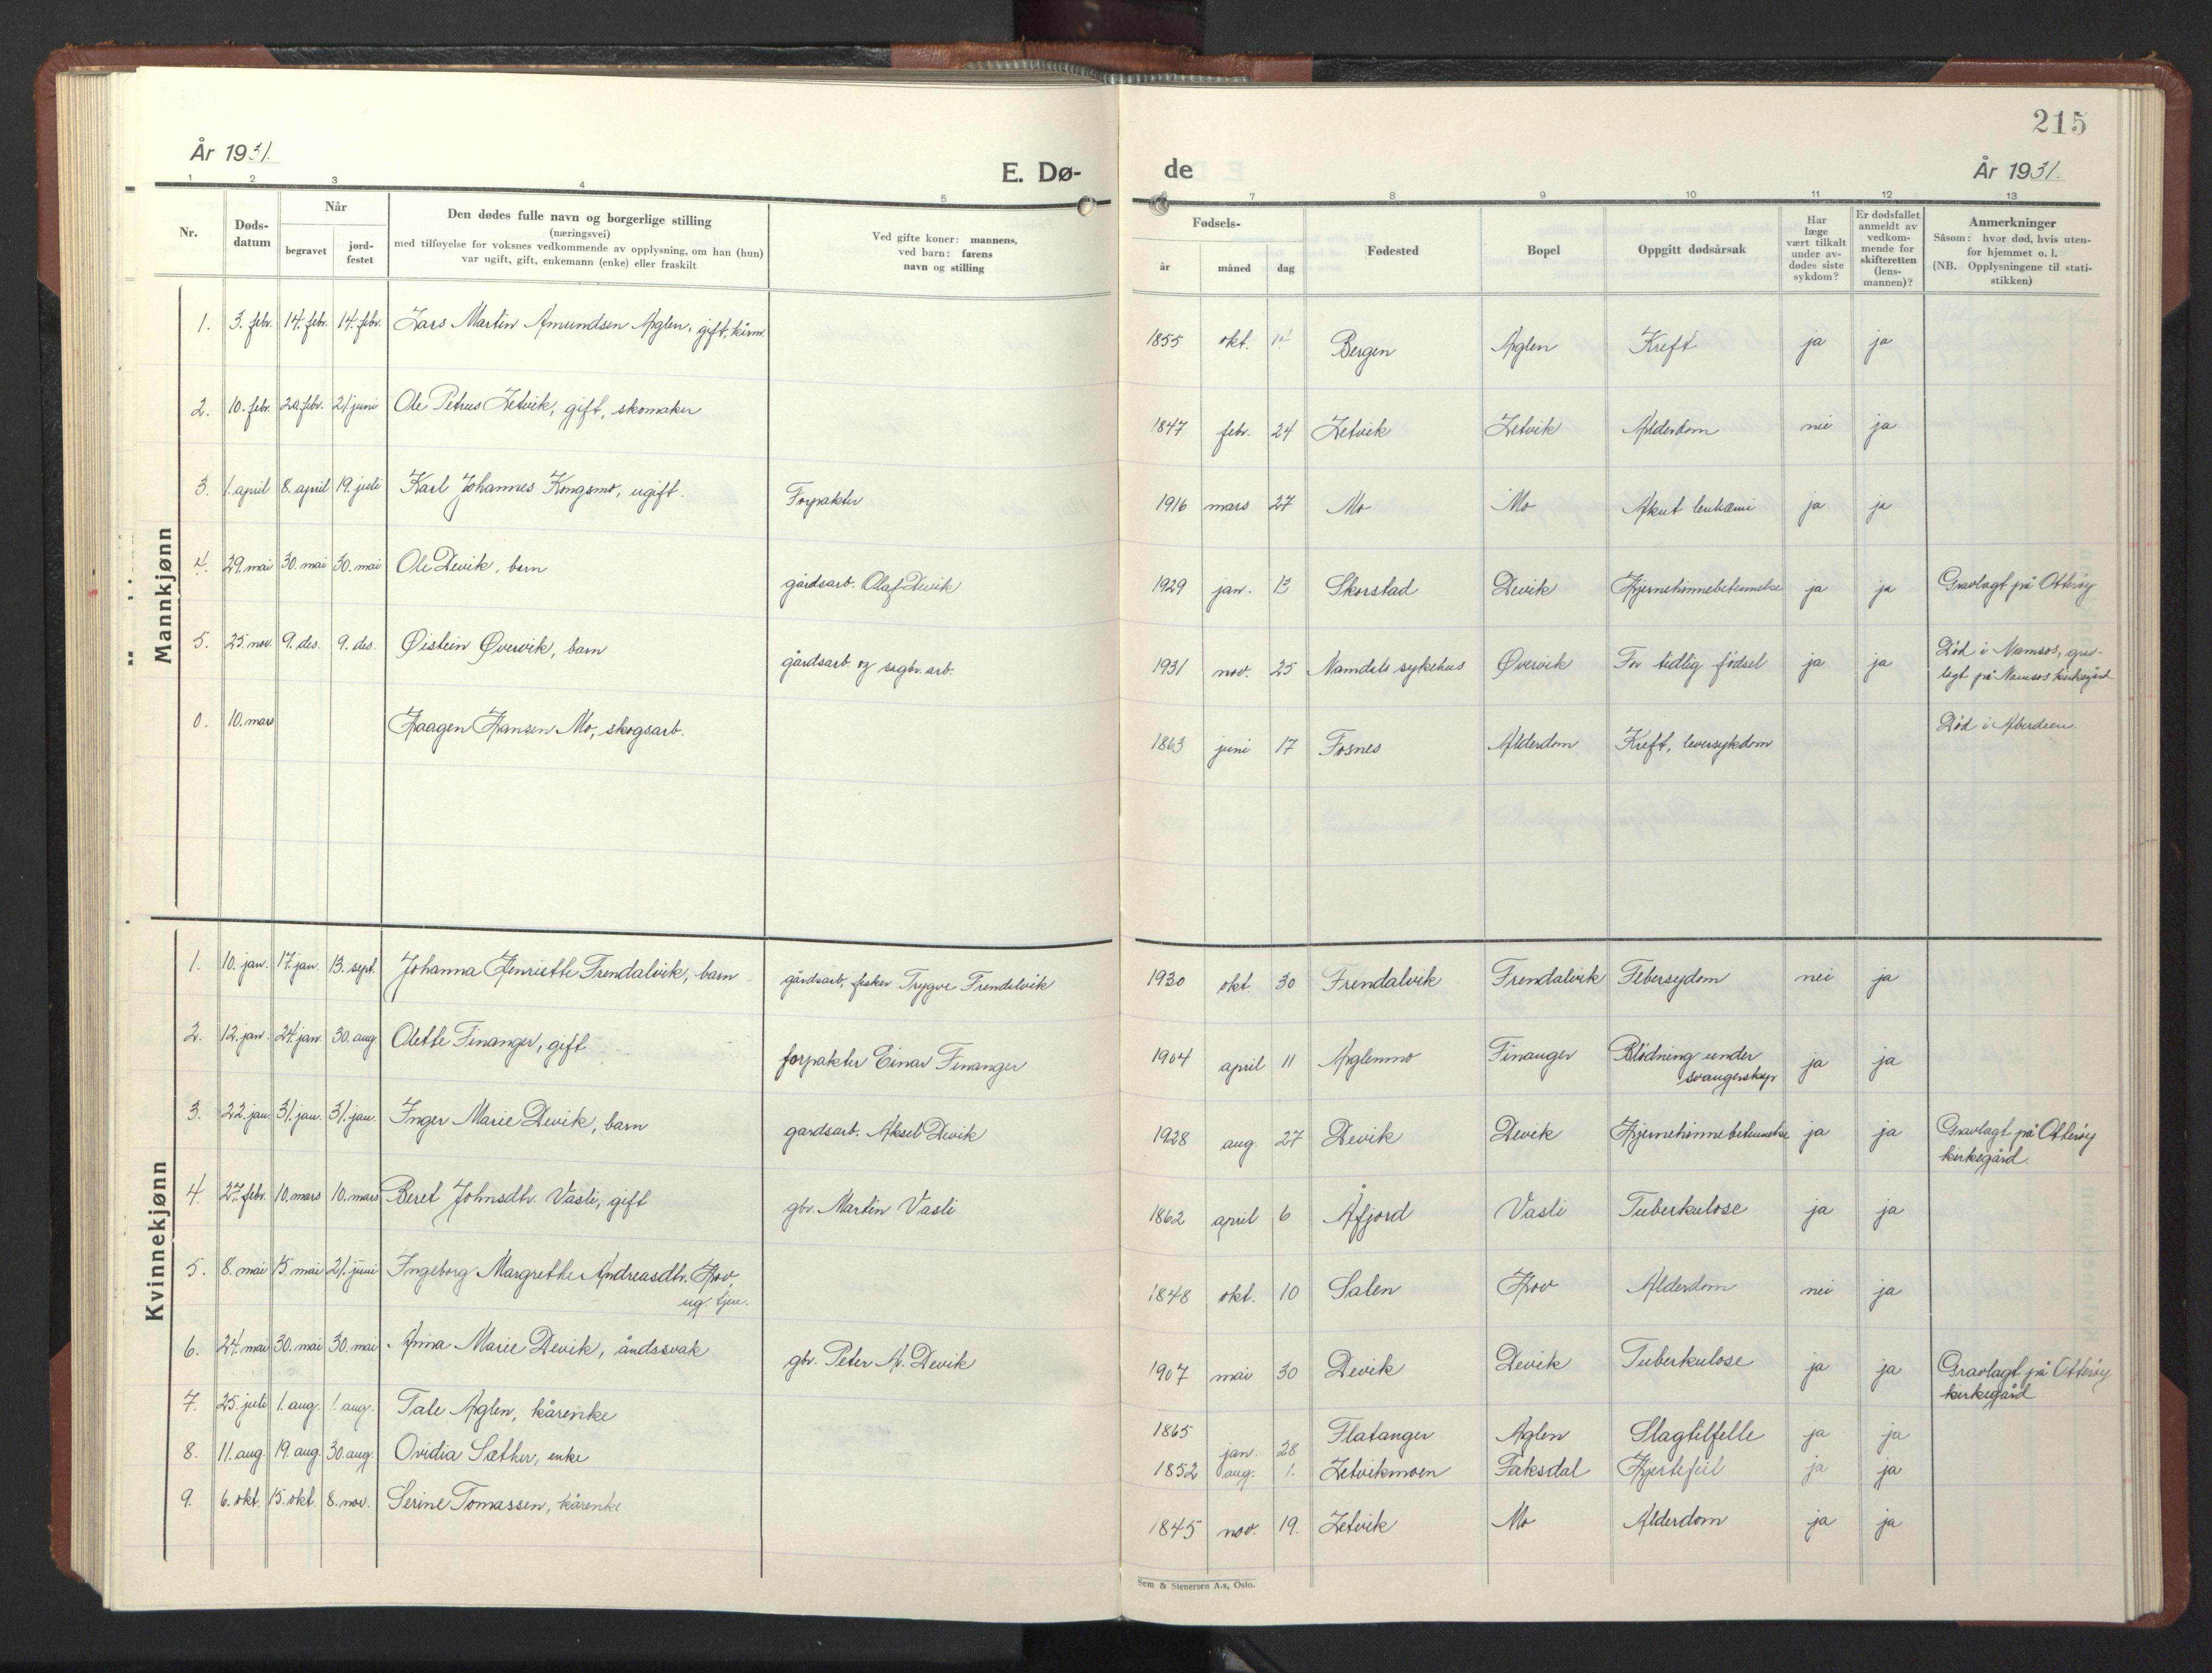 SAT, Ministerialprotokoller, klokkerbøker og fødselsregistre - Nord-Trøndelag, 773/L0625: Klokkerbok nr. 773C01, 1910-1952, s. 215